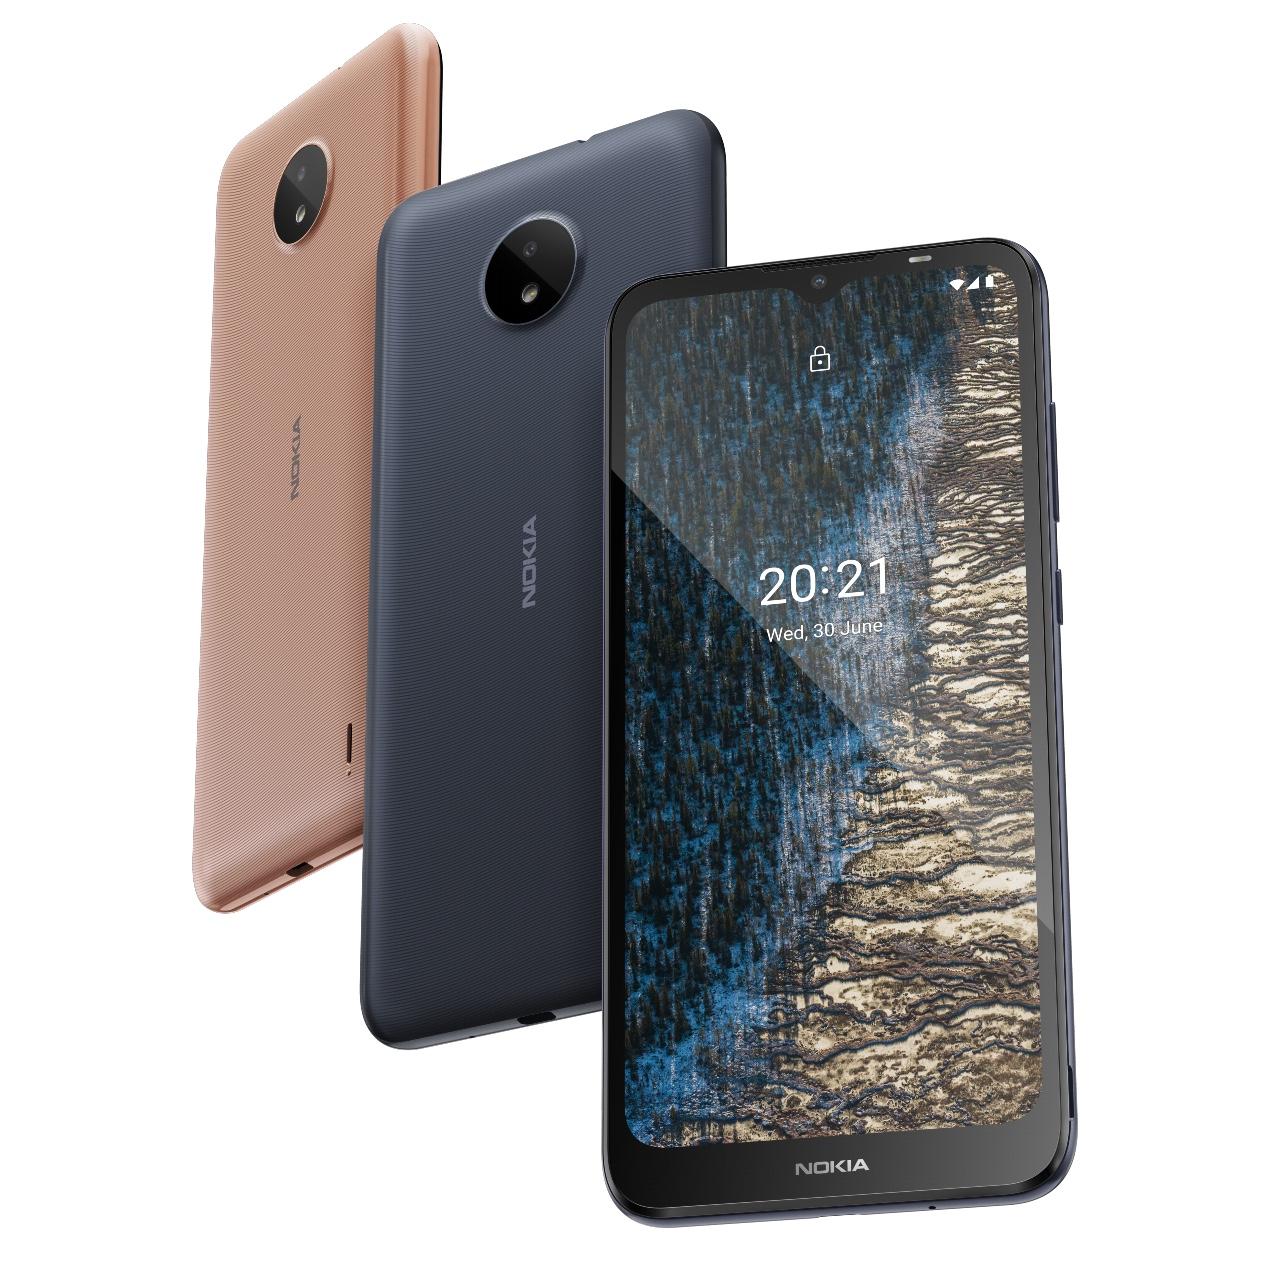 La nueva serie C de Nokia llega a Uruguay con calidad finlandesa y accesibilidad para todos